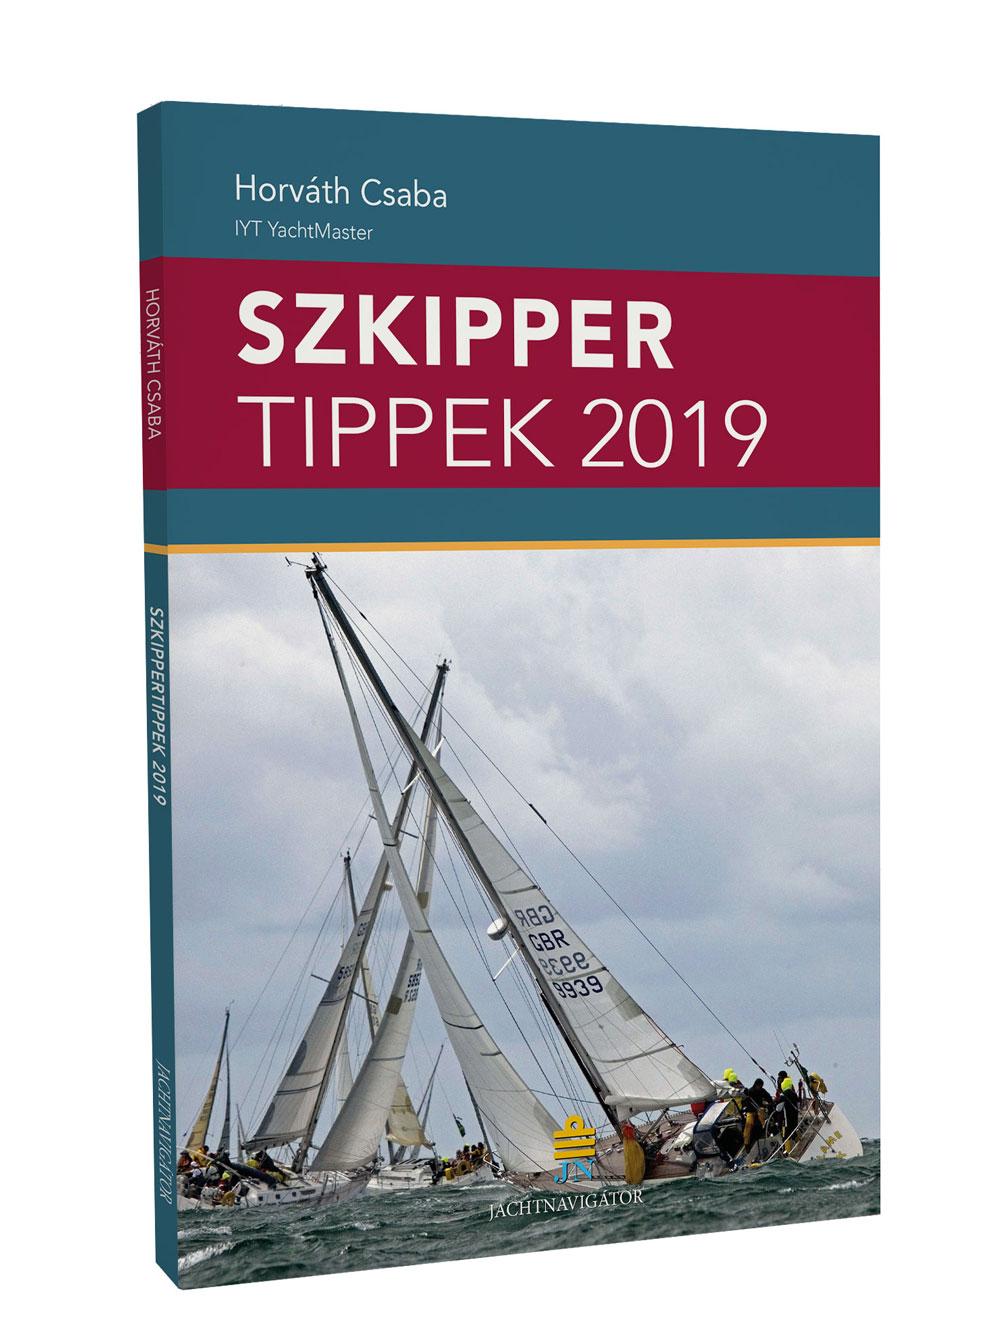 SzkipperTippek 2019